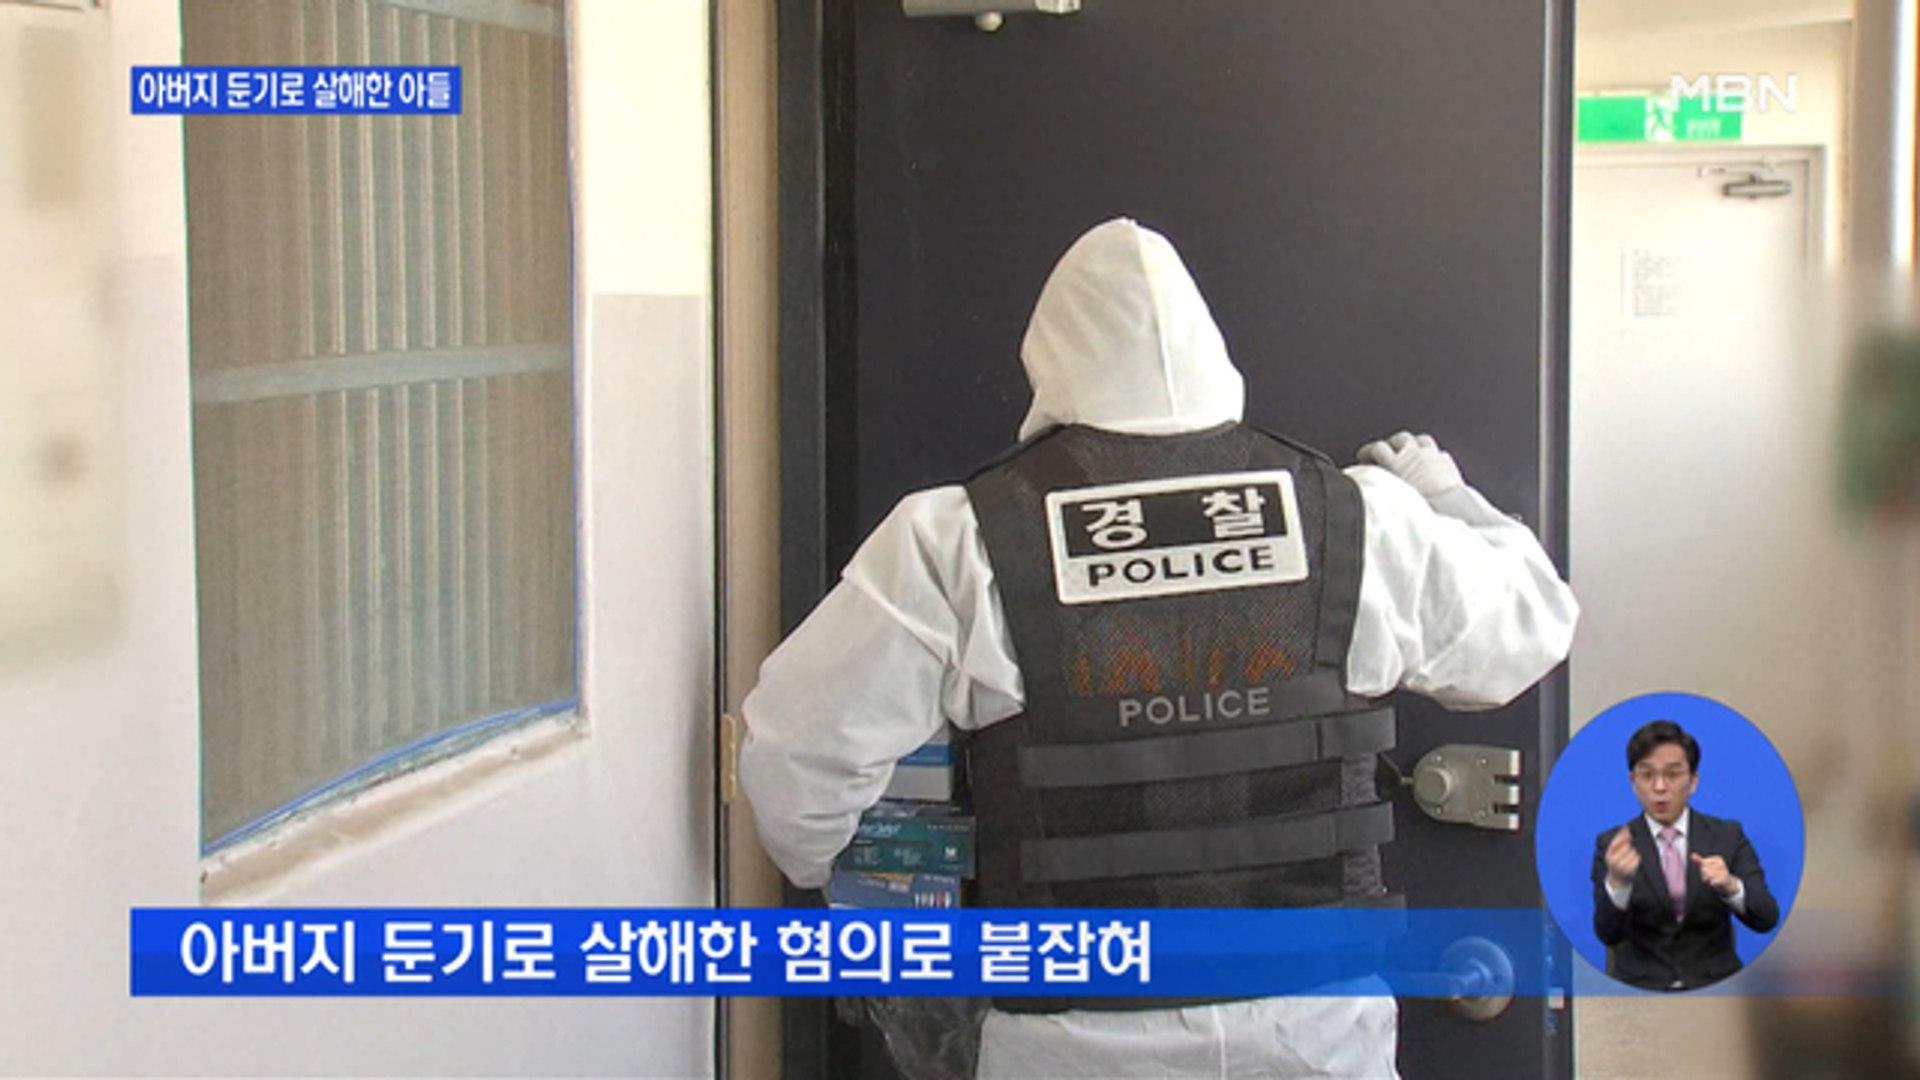 아버지 둔기로 살해한 혐의로 30대 체포…구속영장 신청 - 동영상 Dailymotion